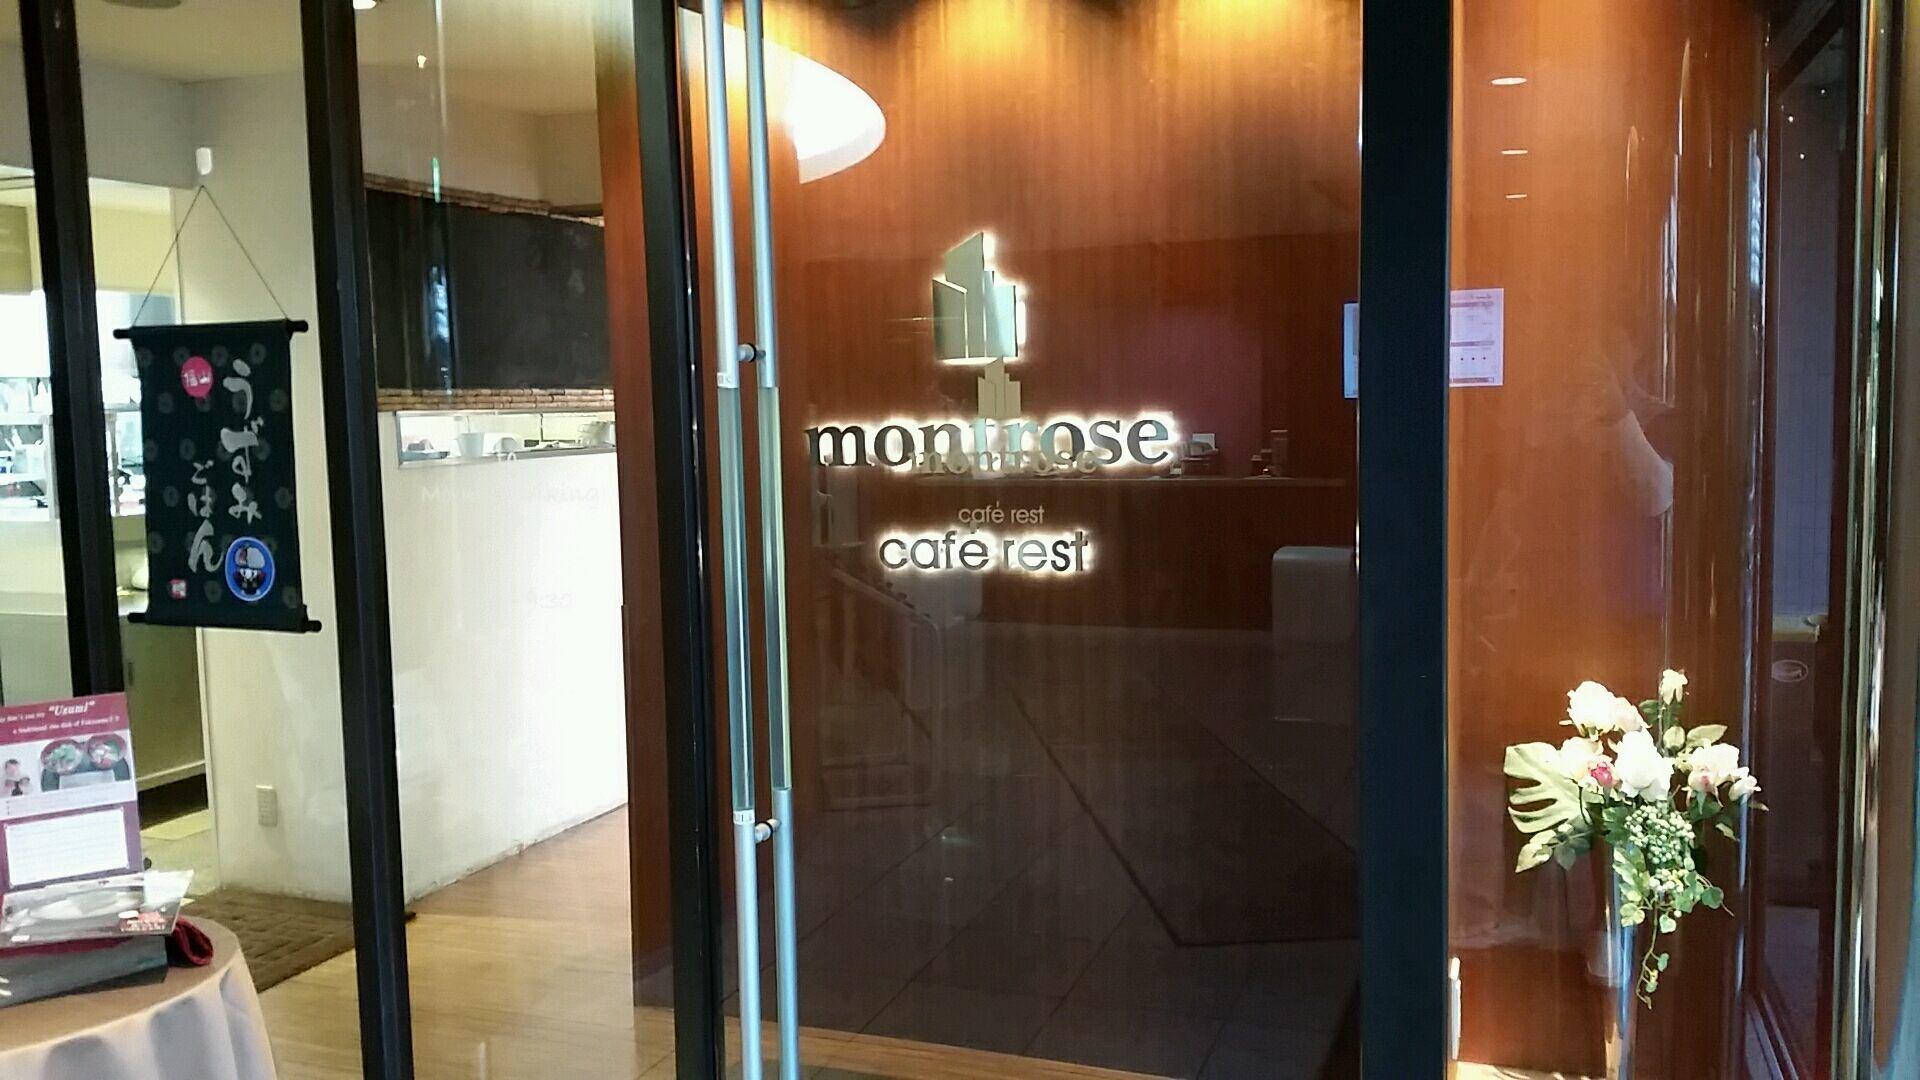 cafe rest montrose